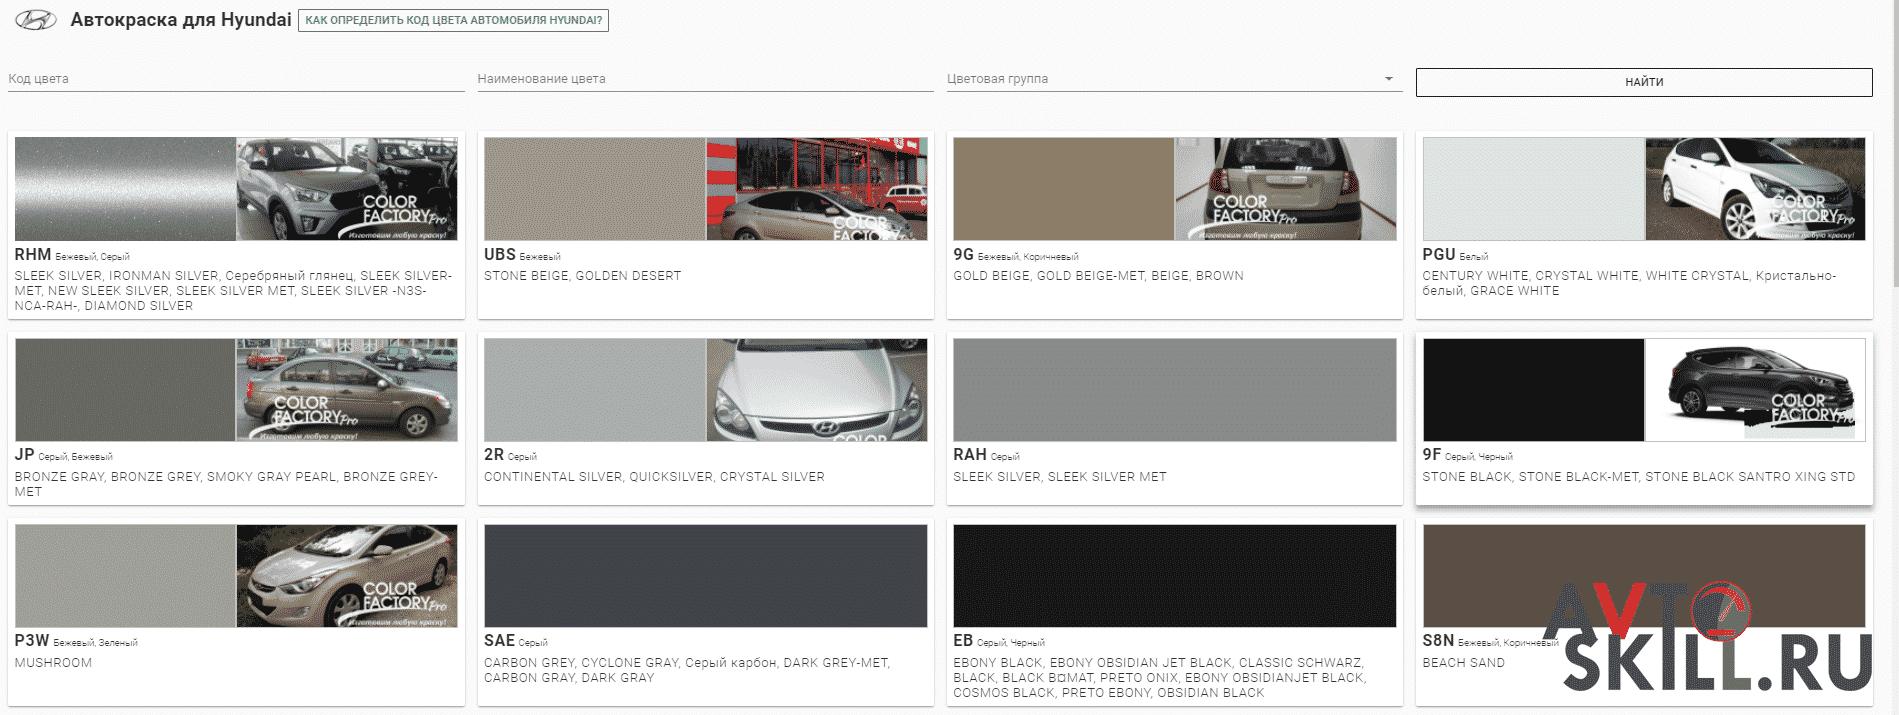 Как узнать цвет краски автомобиля по VIN | Как узнать цвет краски автомобиля по VIN